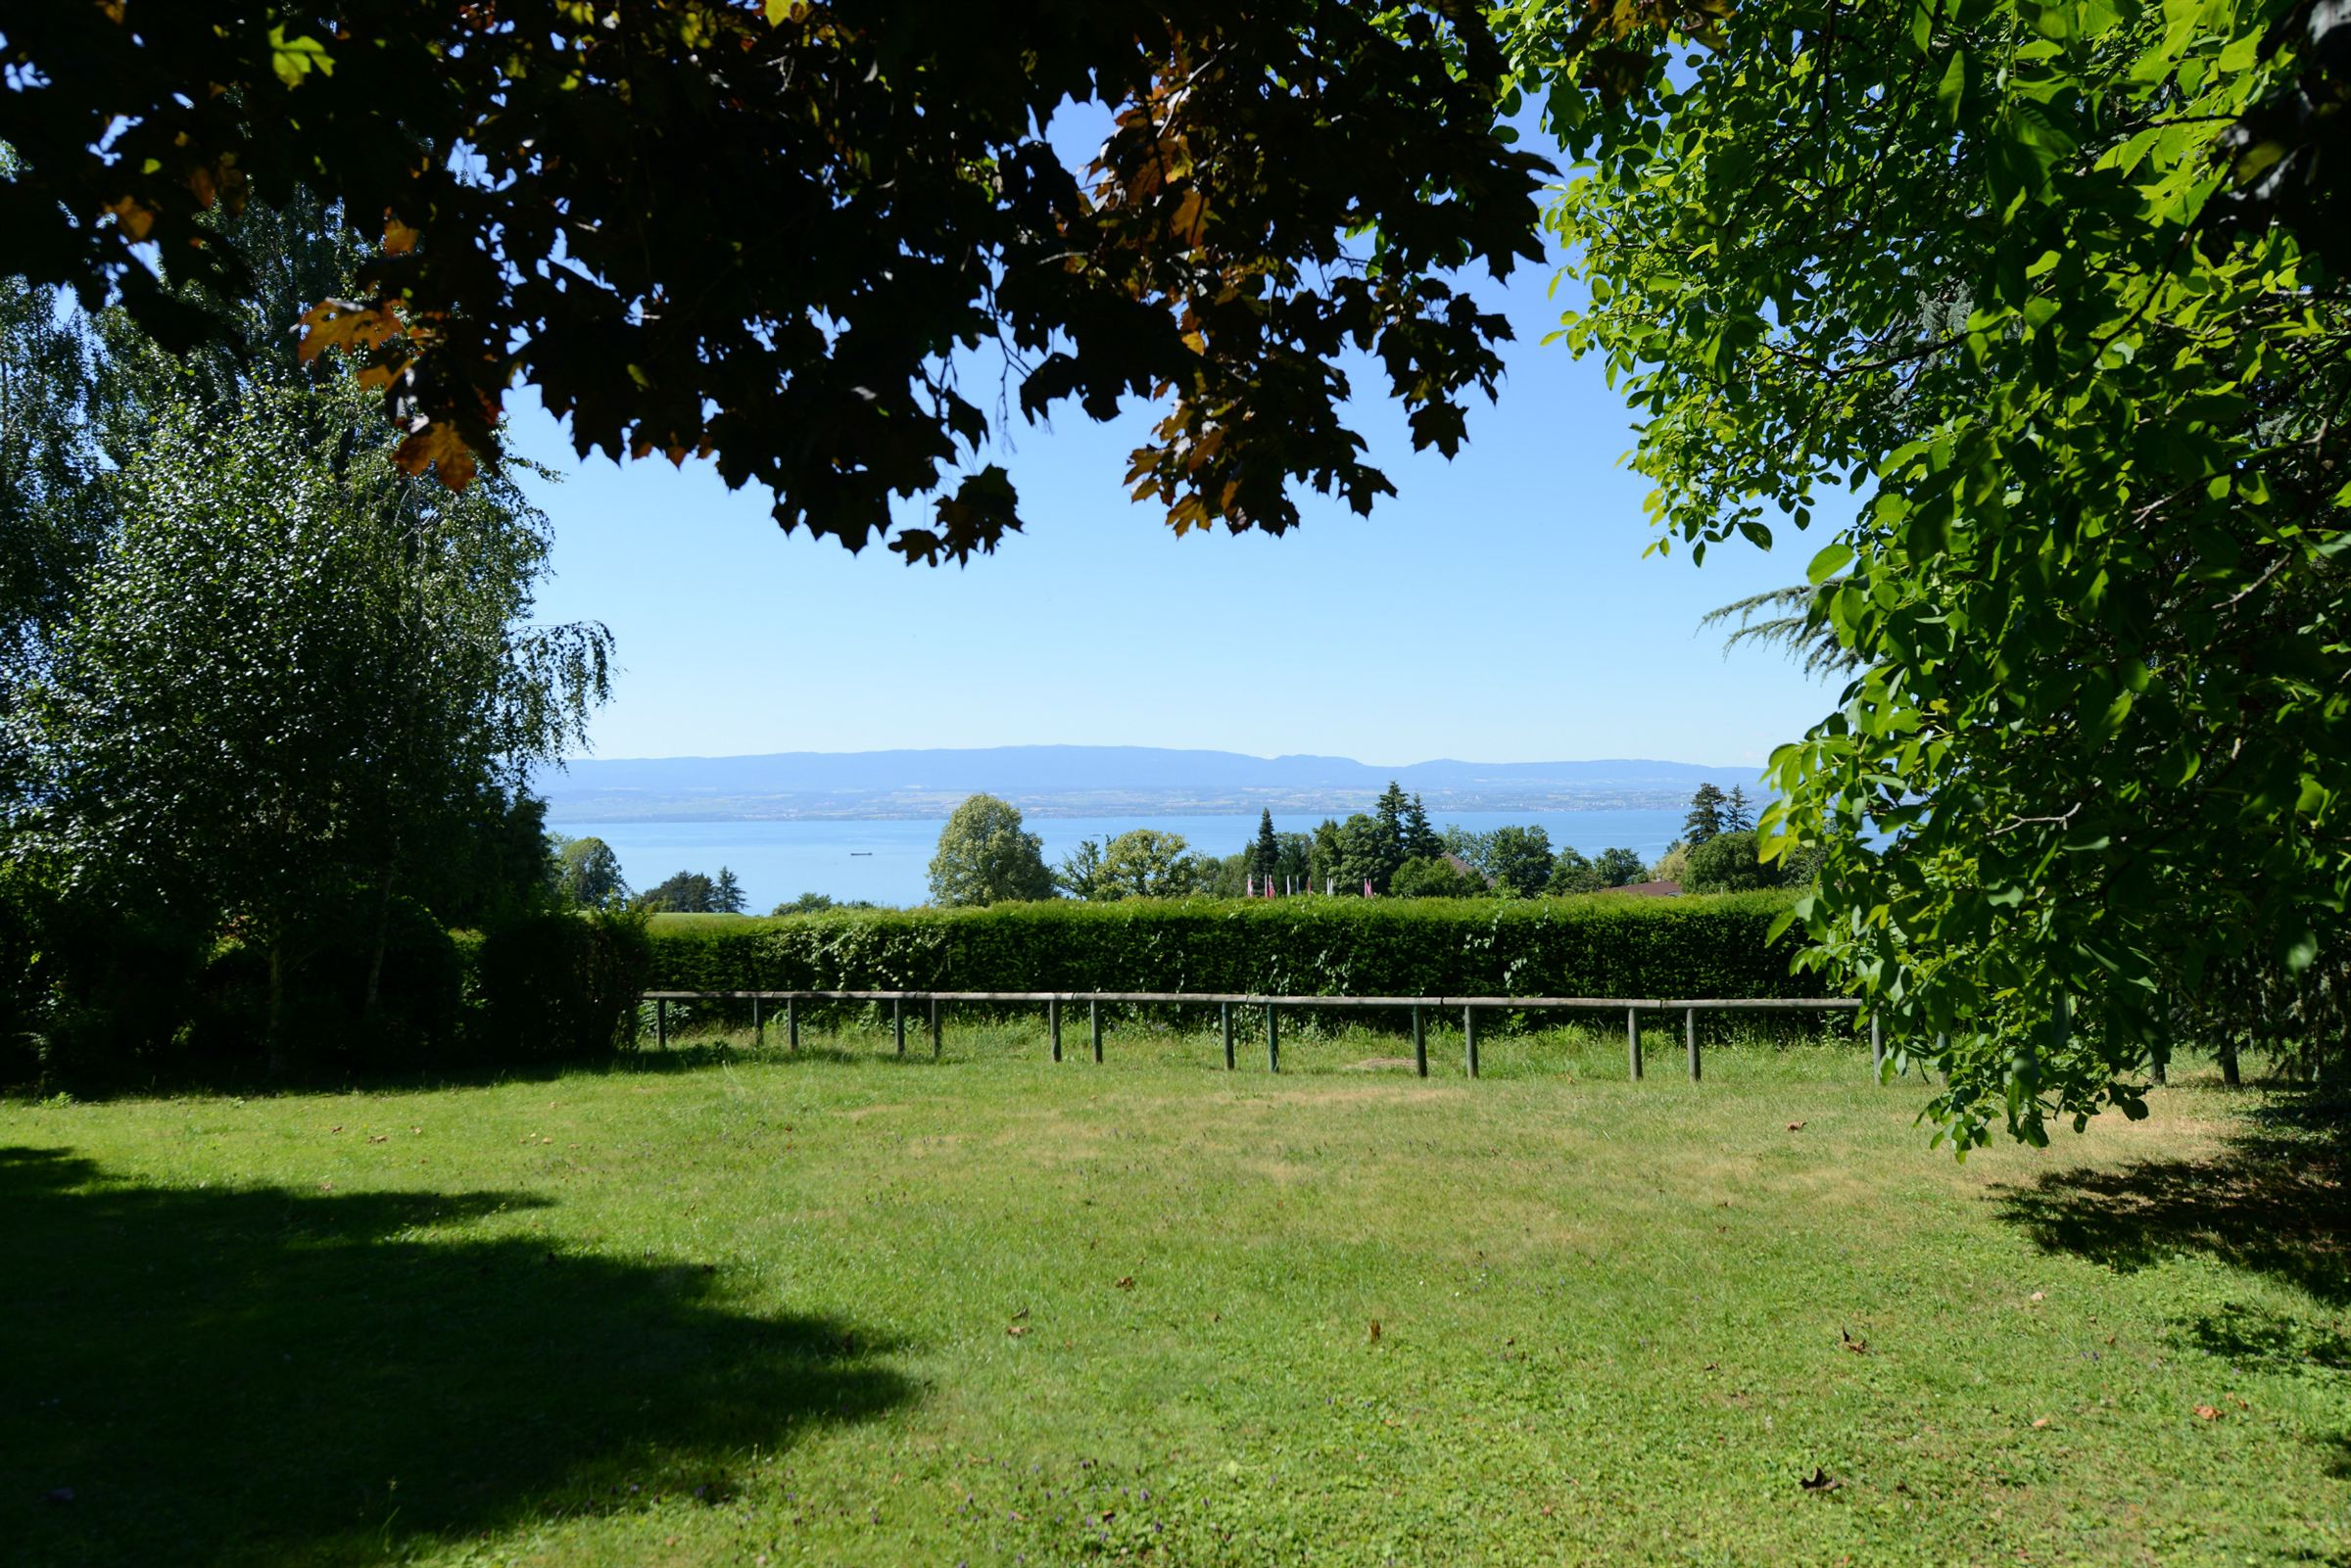 Property For Sale at Au coeur du golf d'Evian, sur plus de 2500 m2 de terrain une maison de 200 m2,